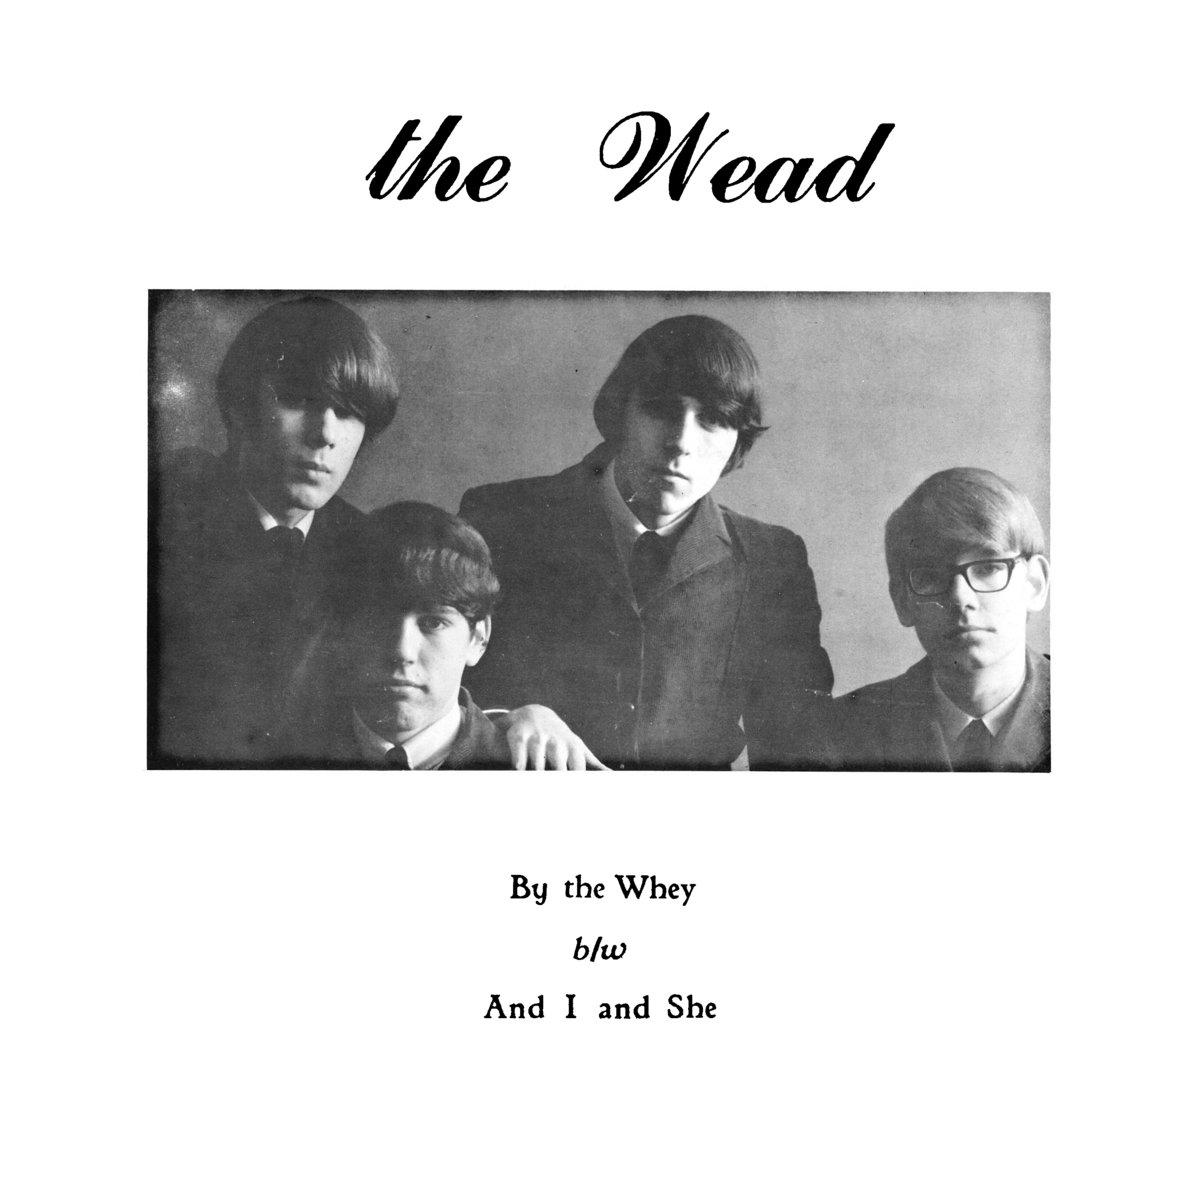 Αποτέλεσμα εικόνας για THE WEAD By The Whey Ep